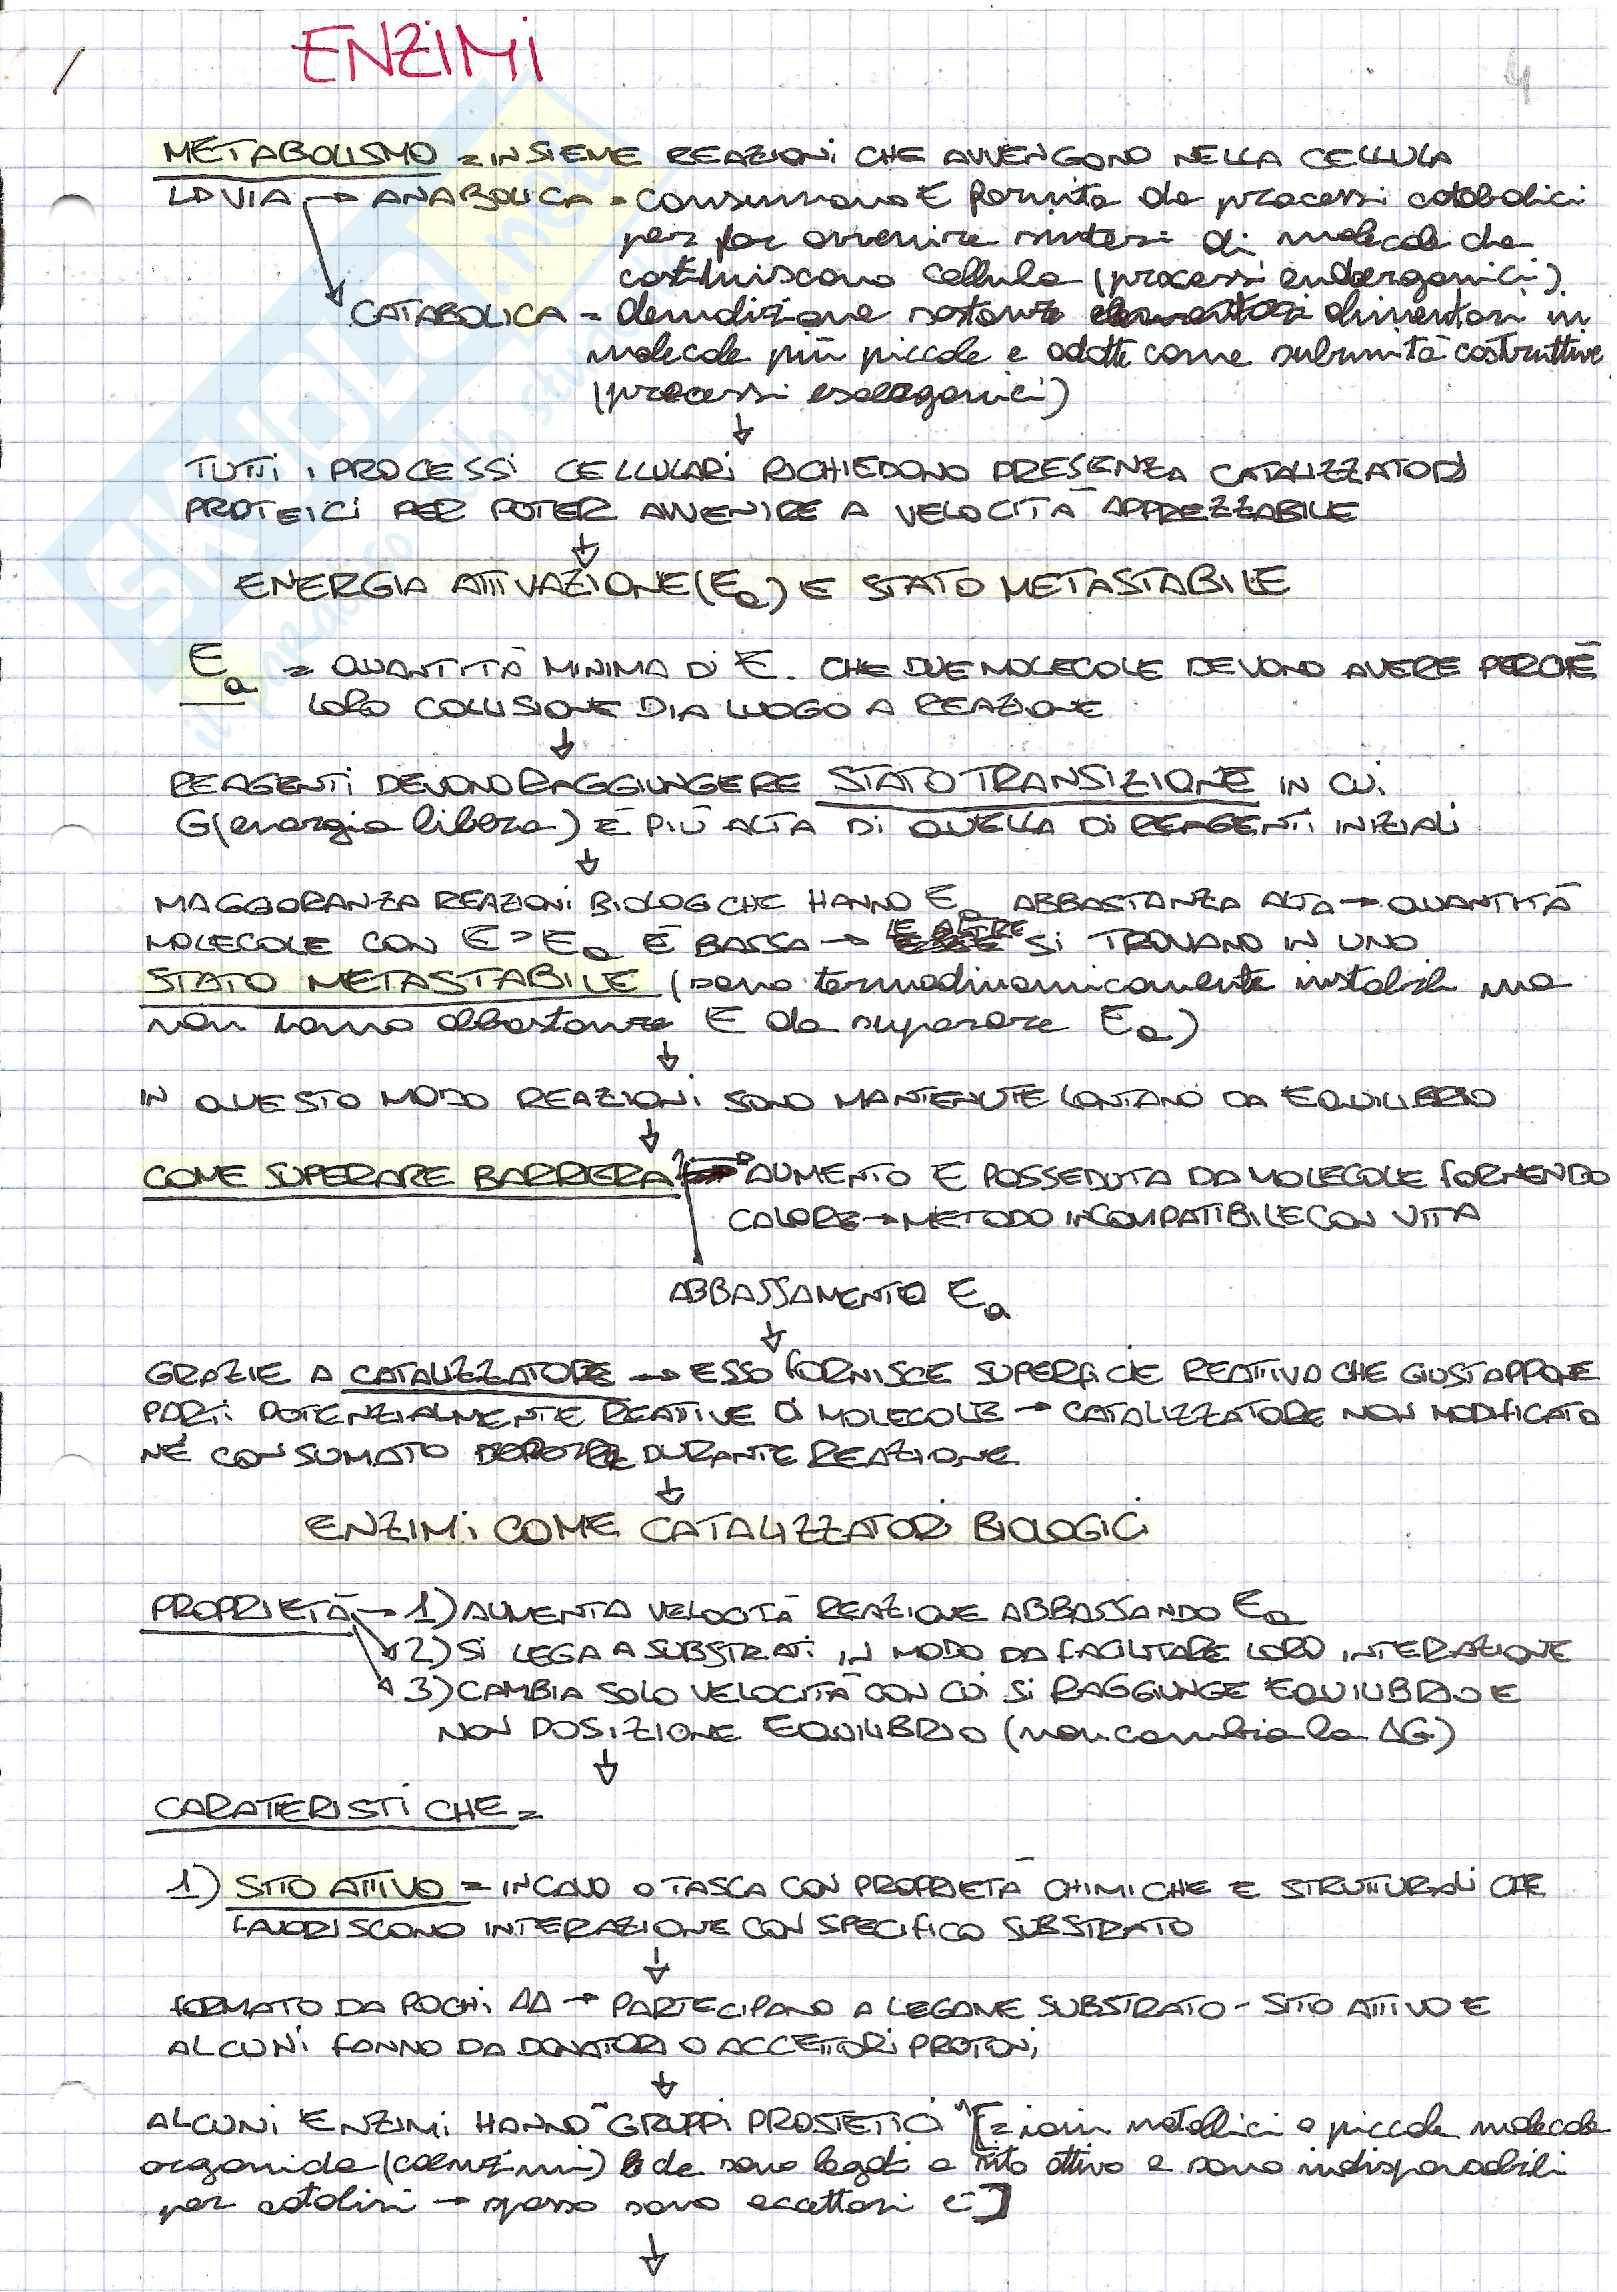 Schemi di biologia generale e cellulare per l'esame della prof. Patrizia Limonta sugli enzimi